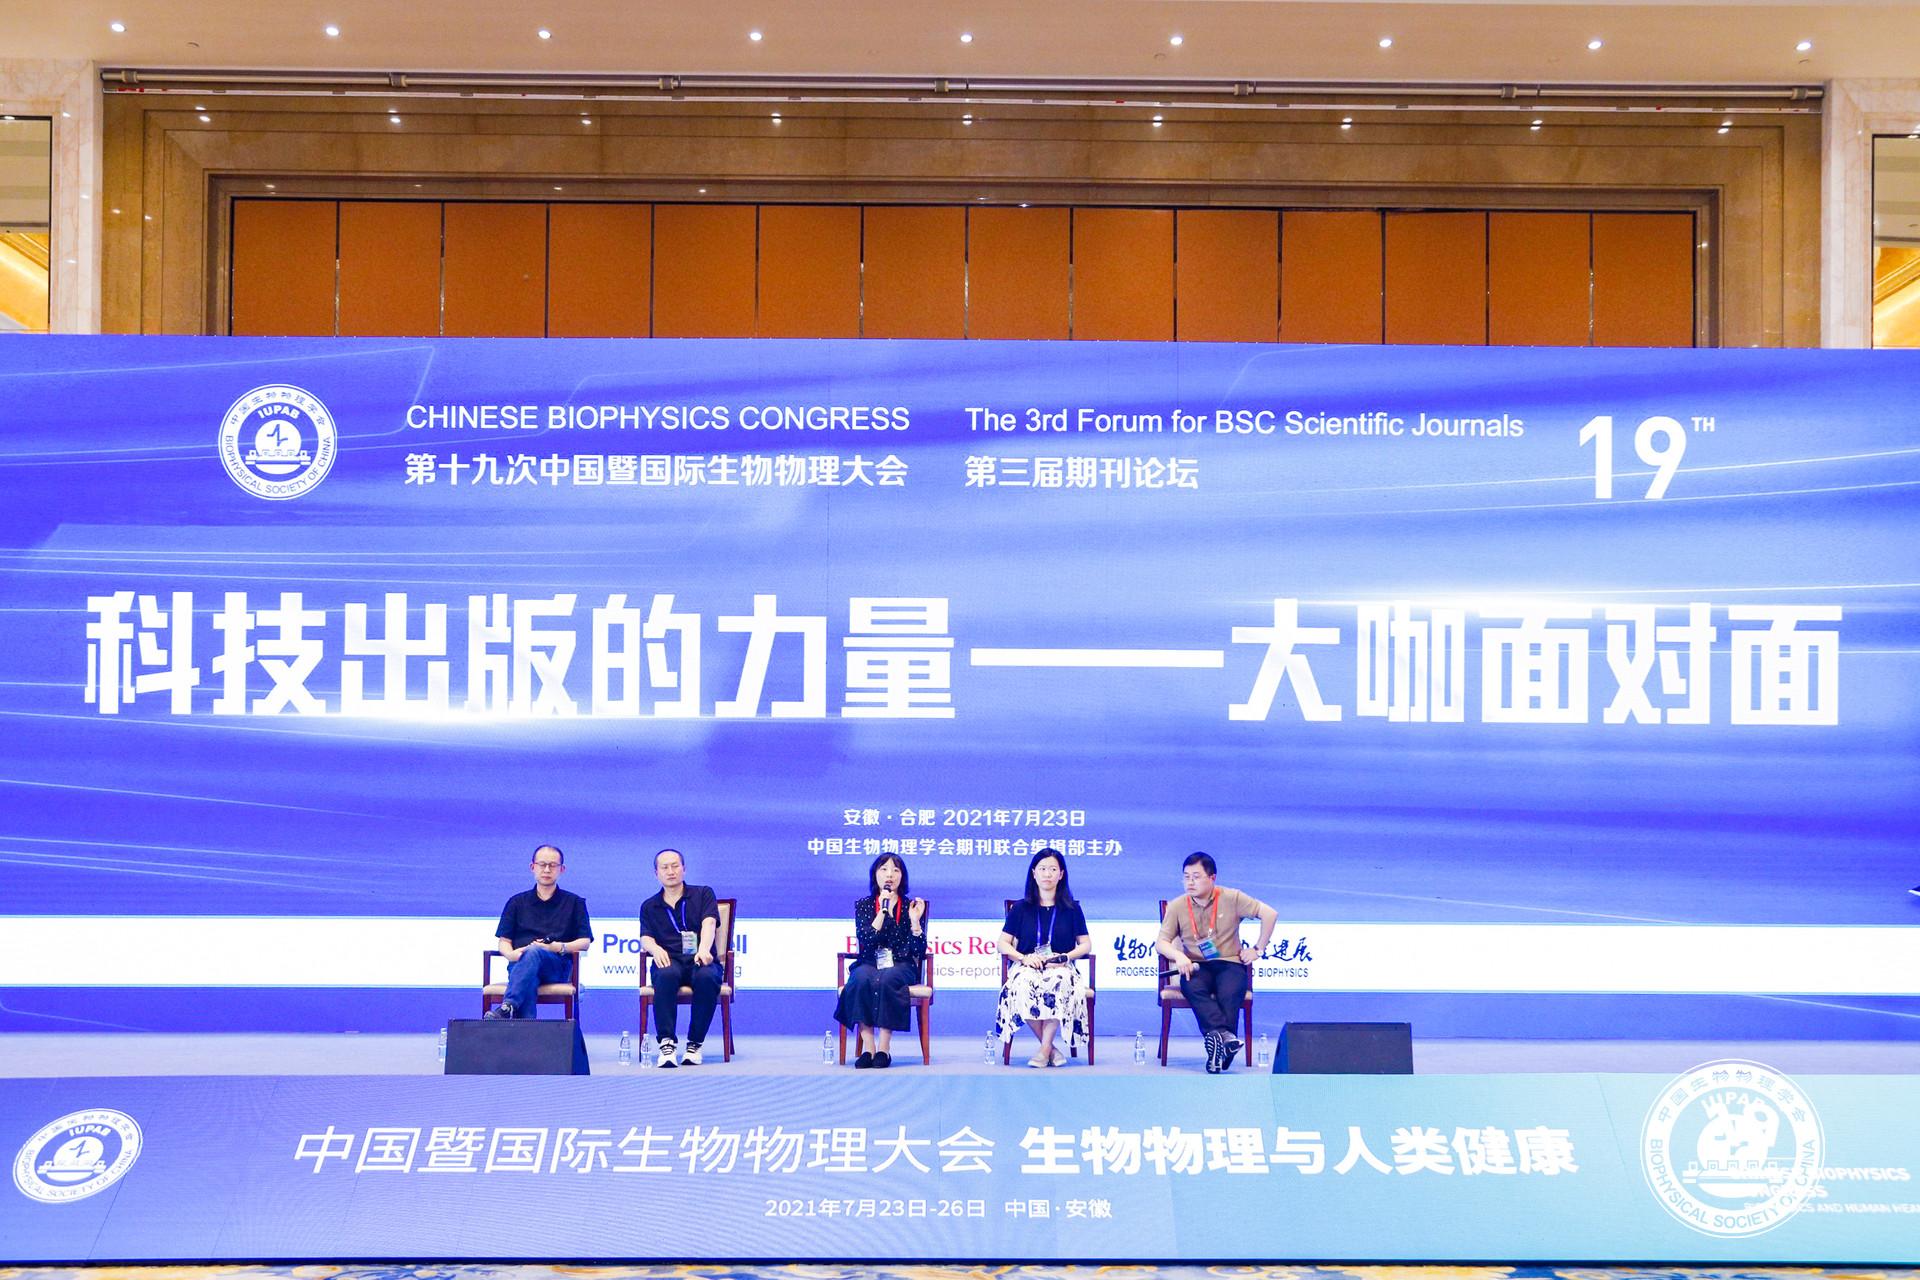 Forum for BSC scientific journals held at congress